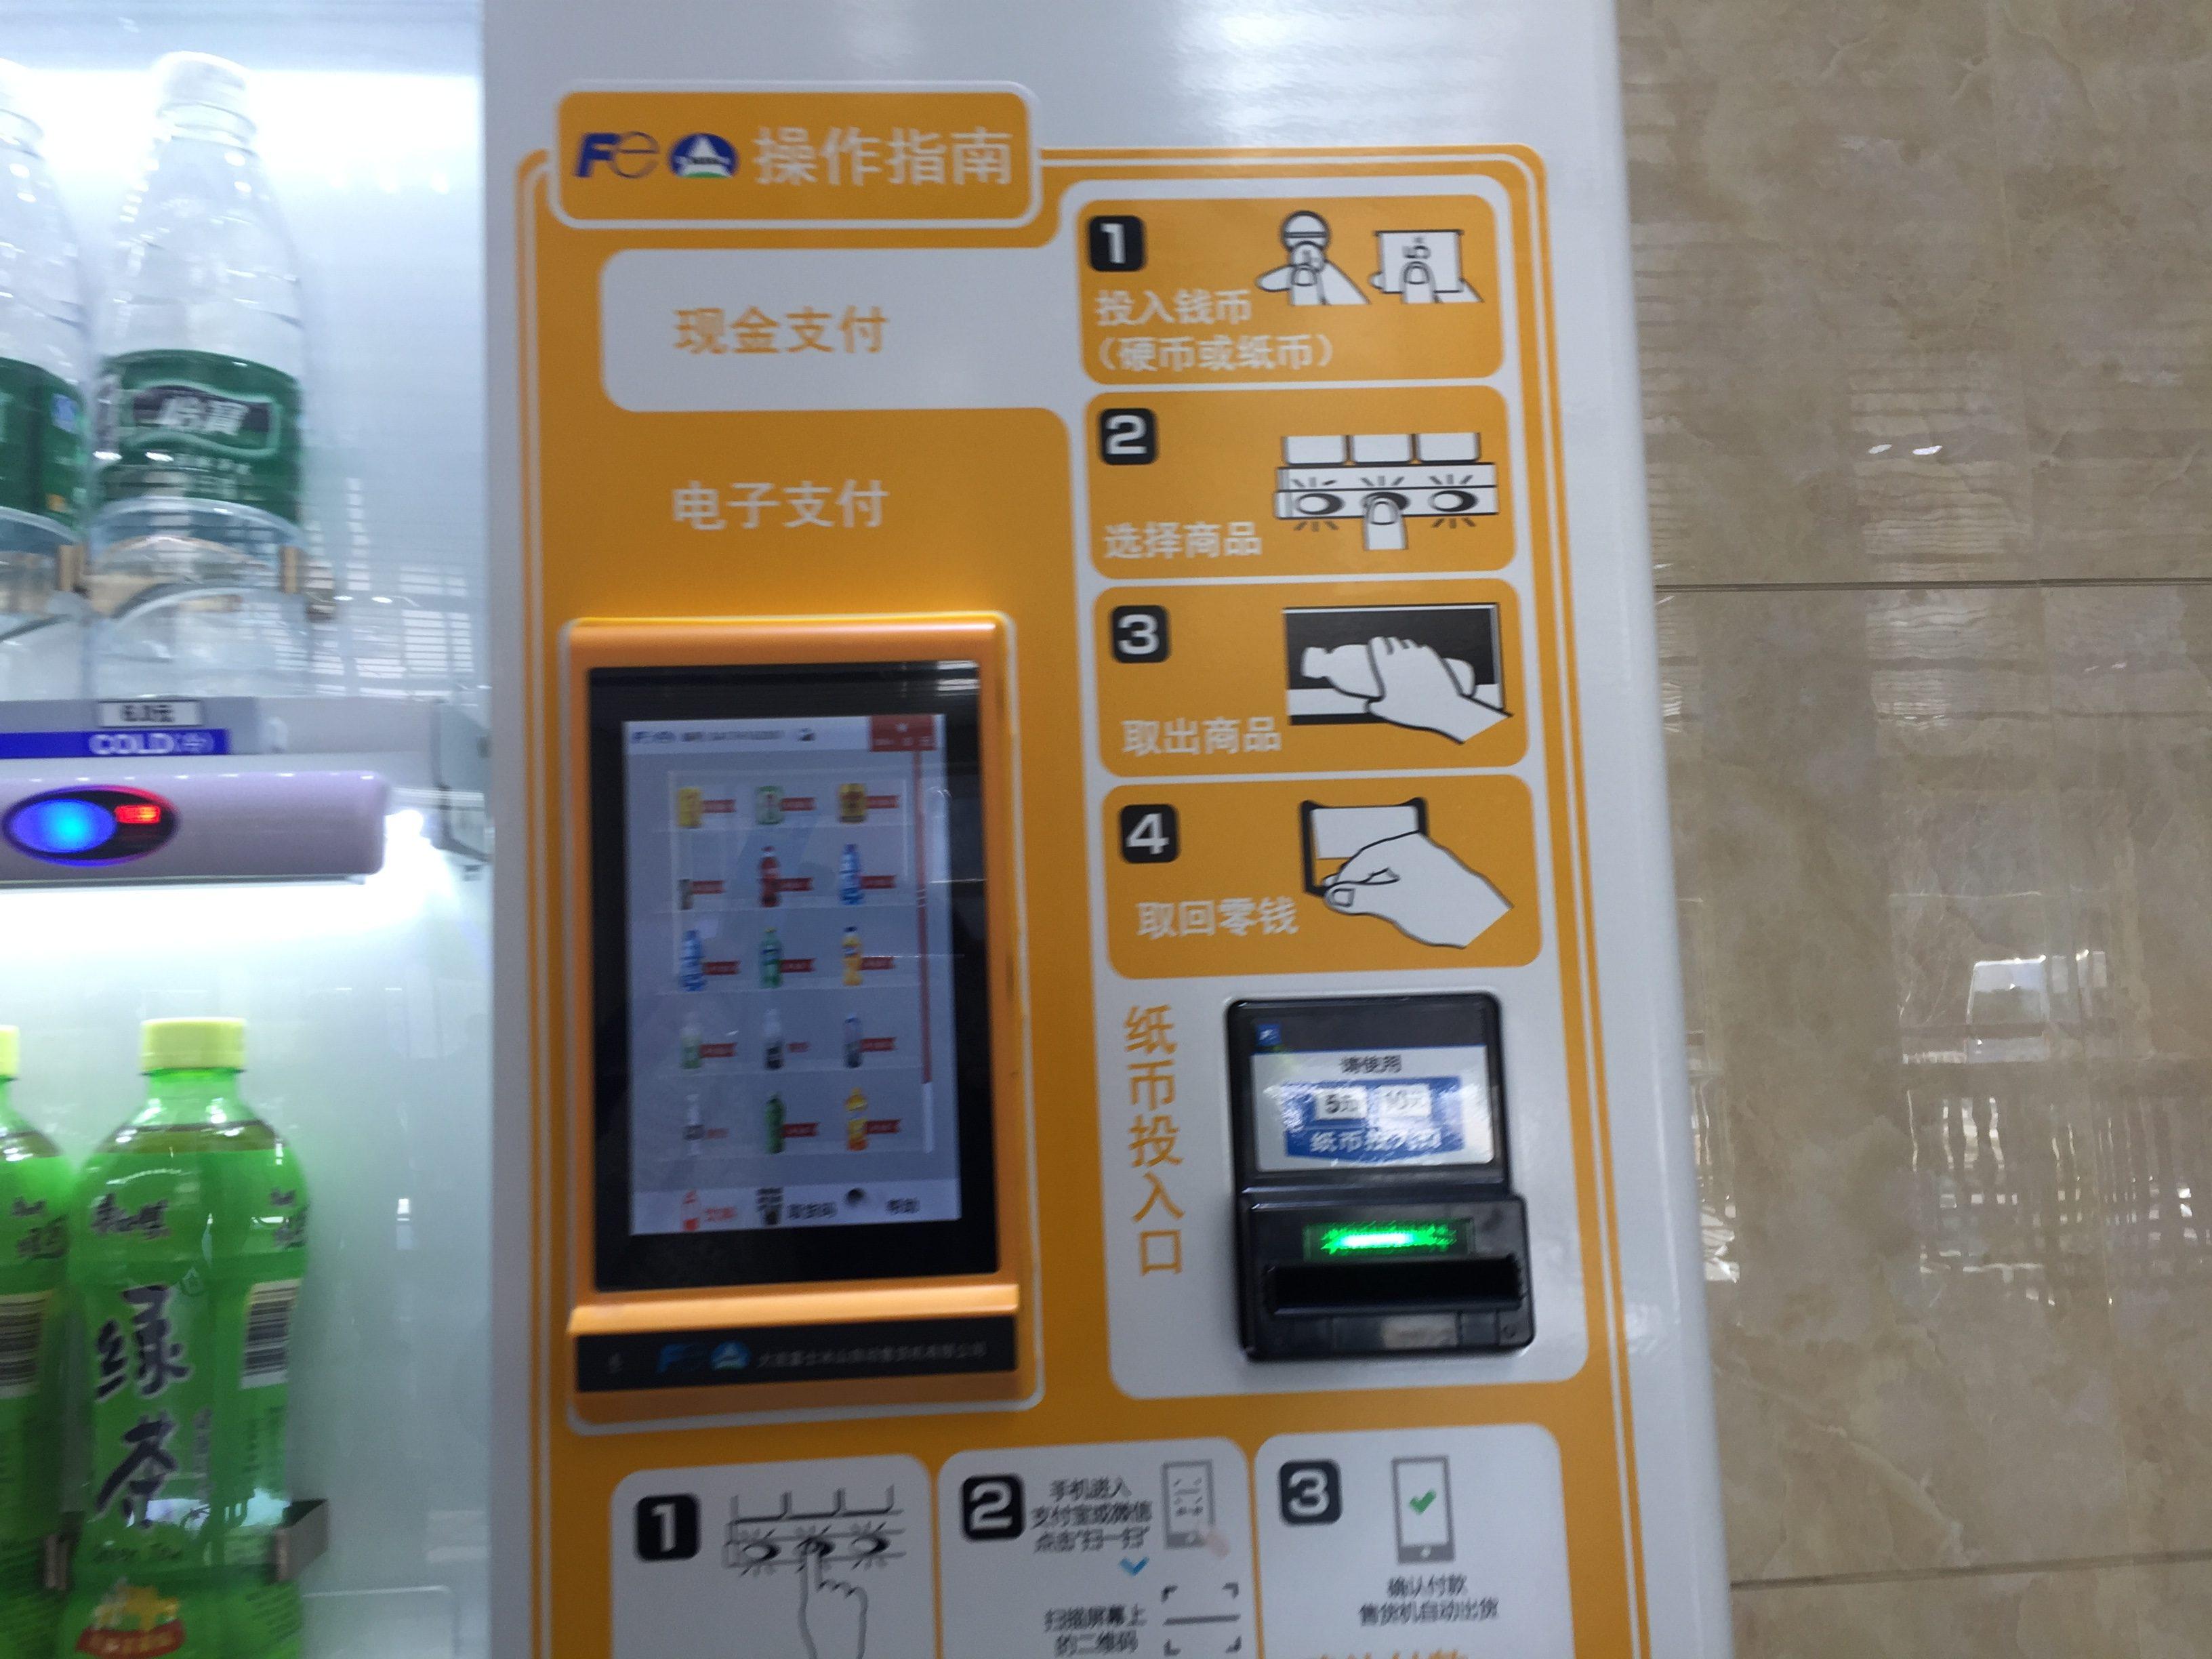 IMG 3696 e1523492965881 - Curiosidades de Beijing en imágenes